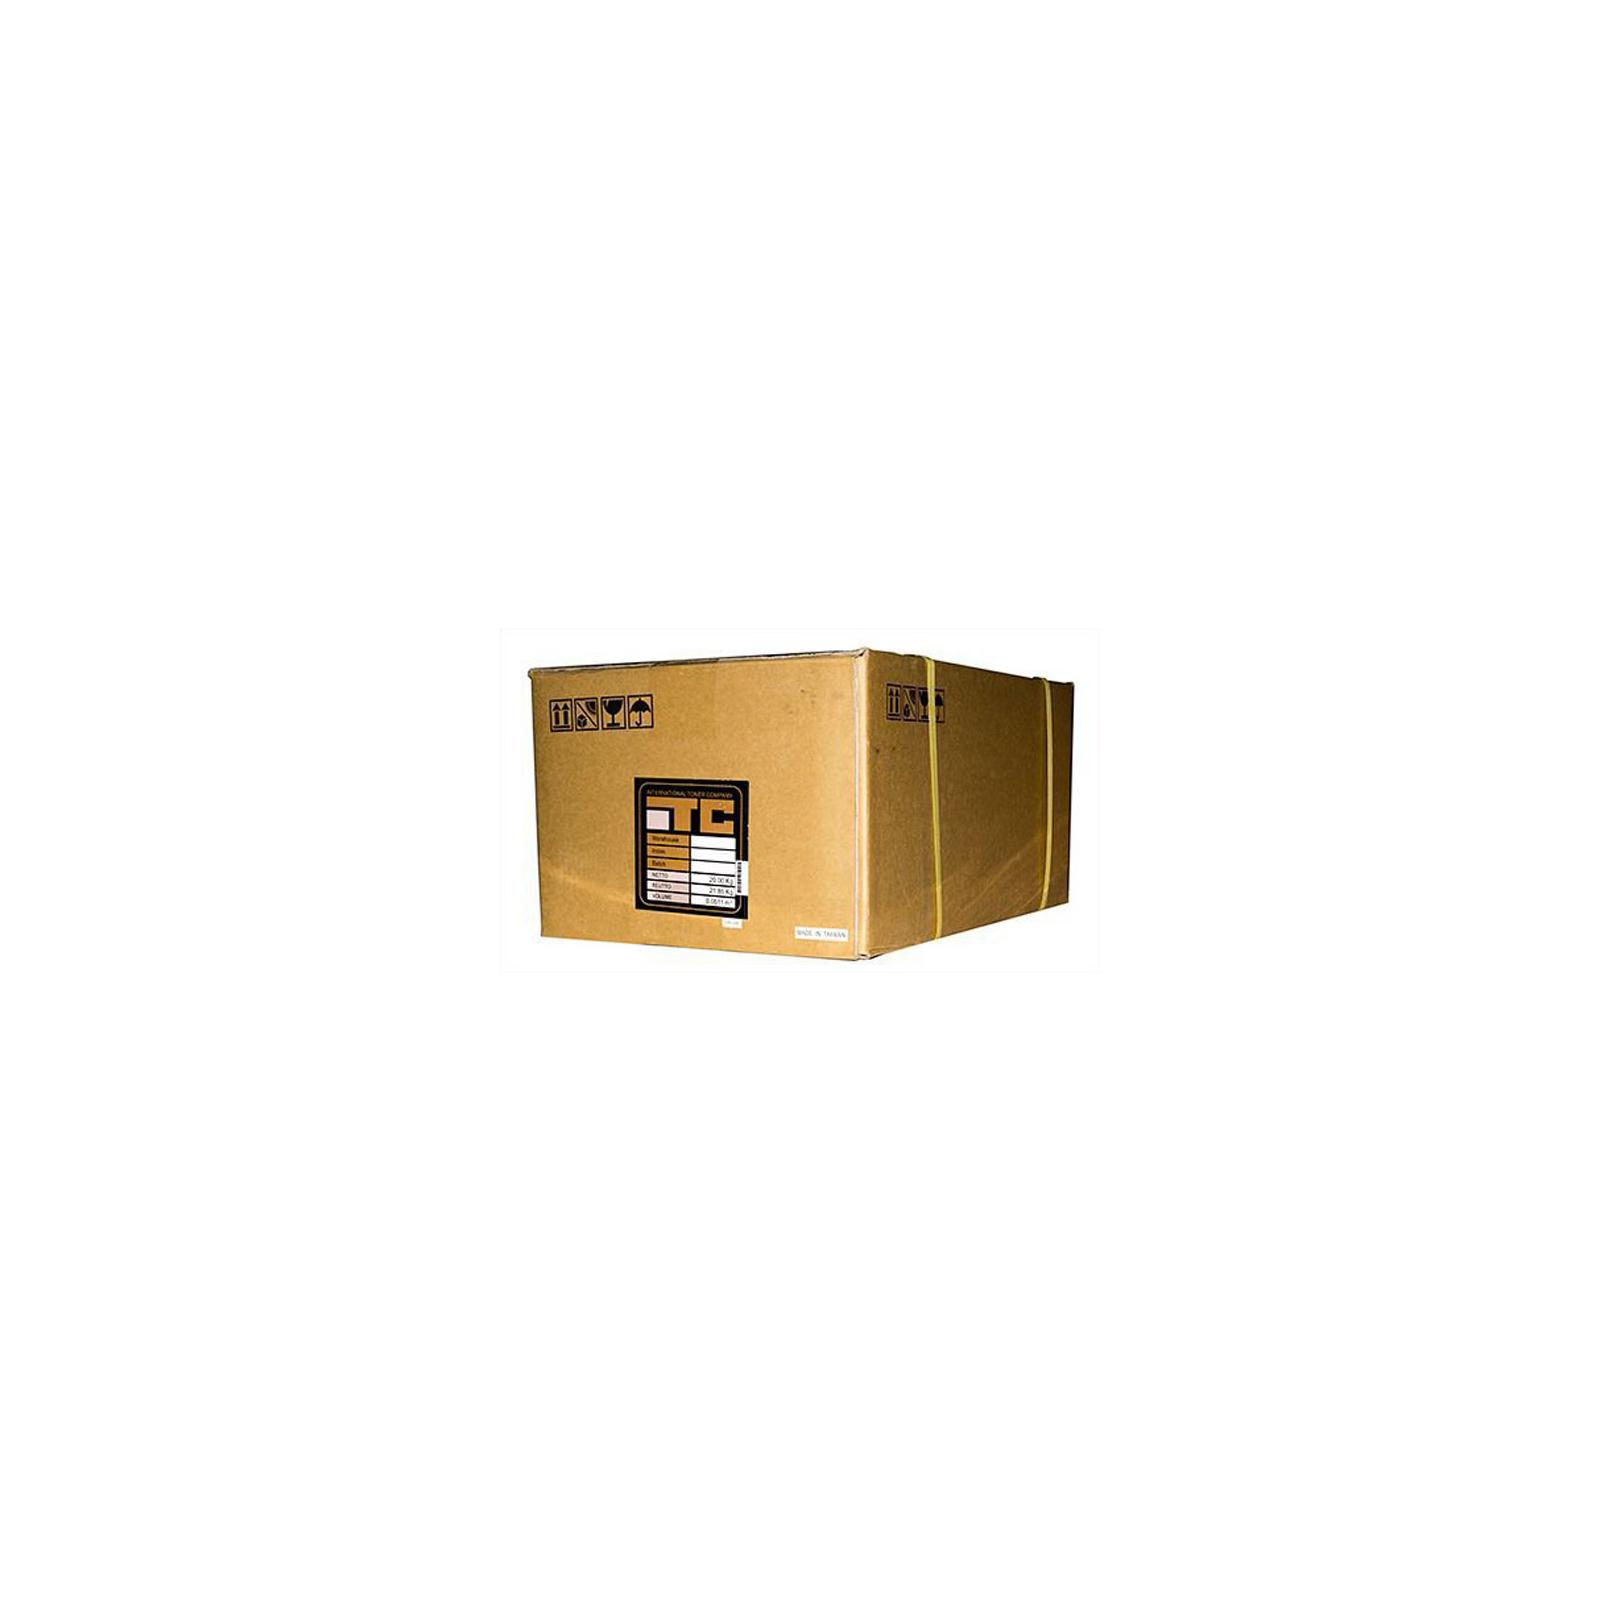 Тонер TTI HP CLJ CP3530/3525 Black T724-1 (NC-008.A1)